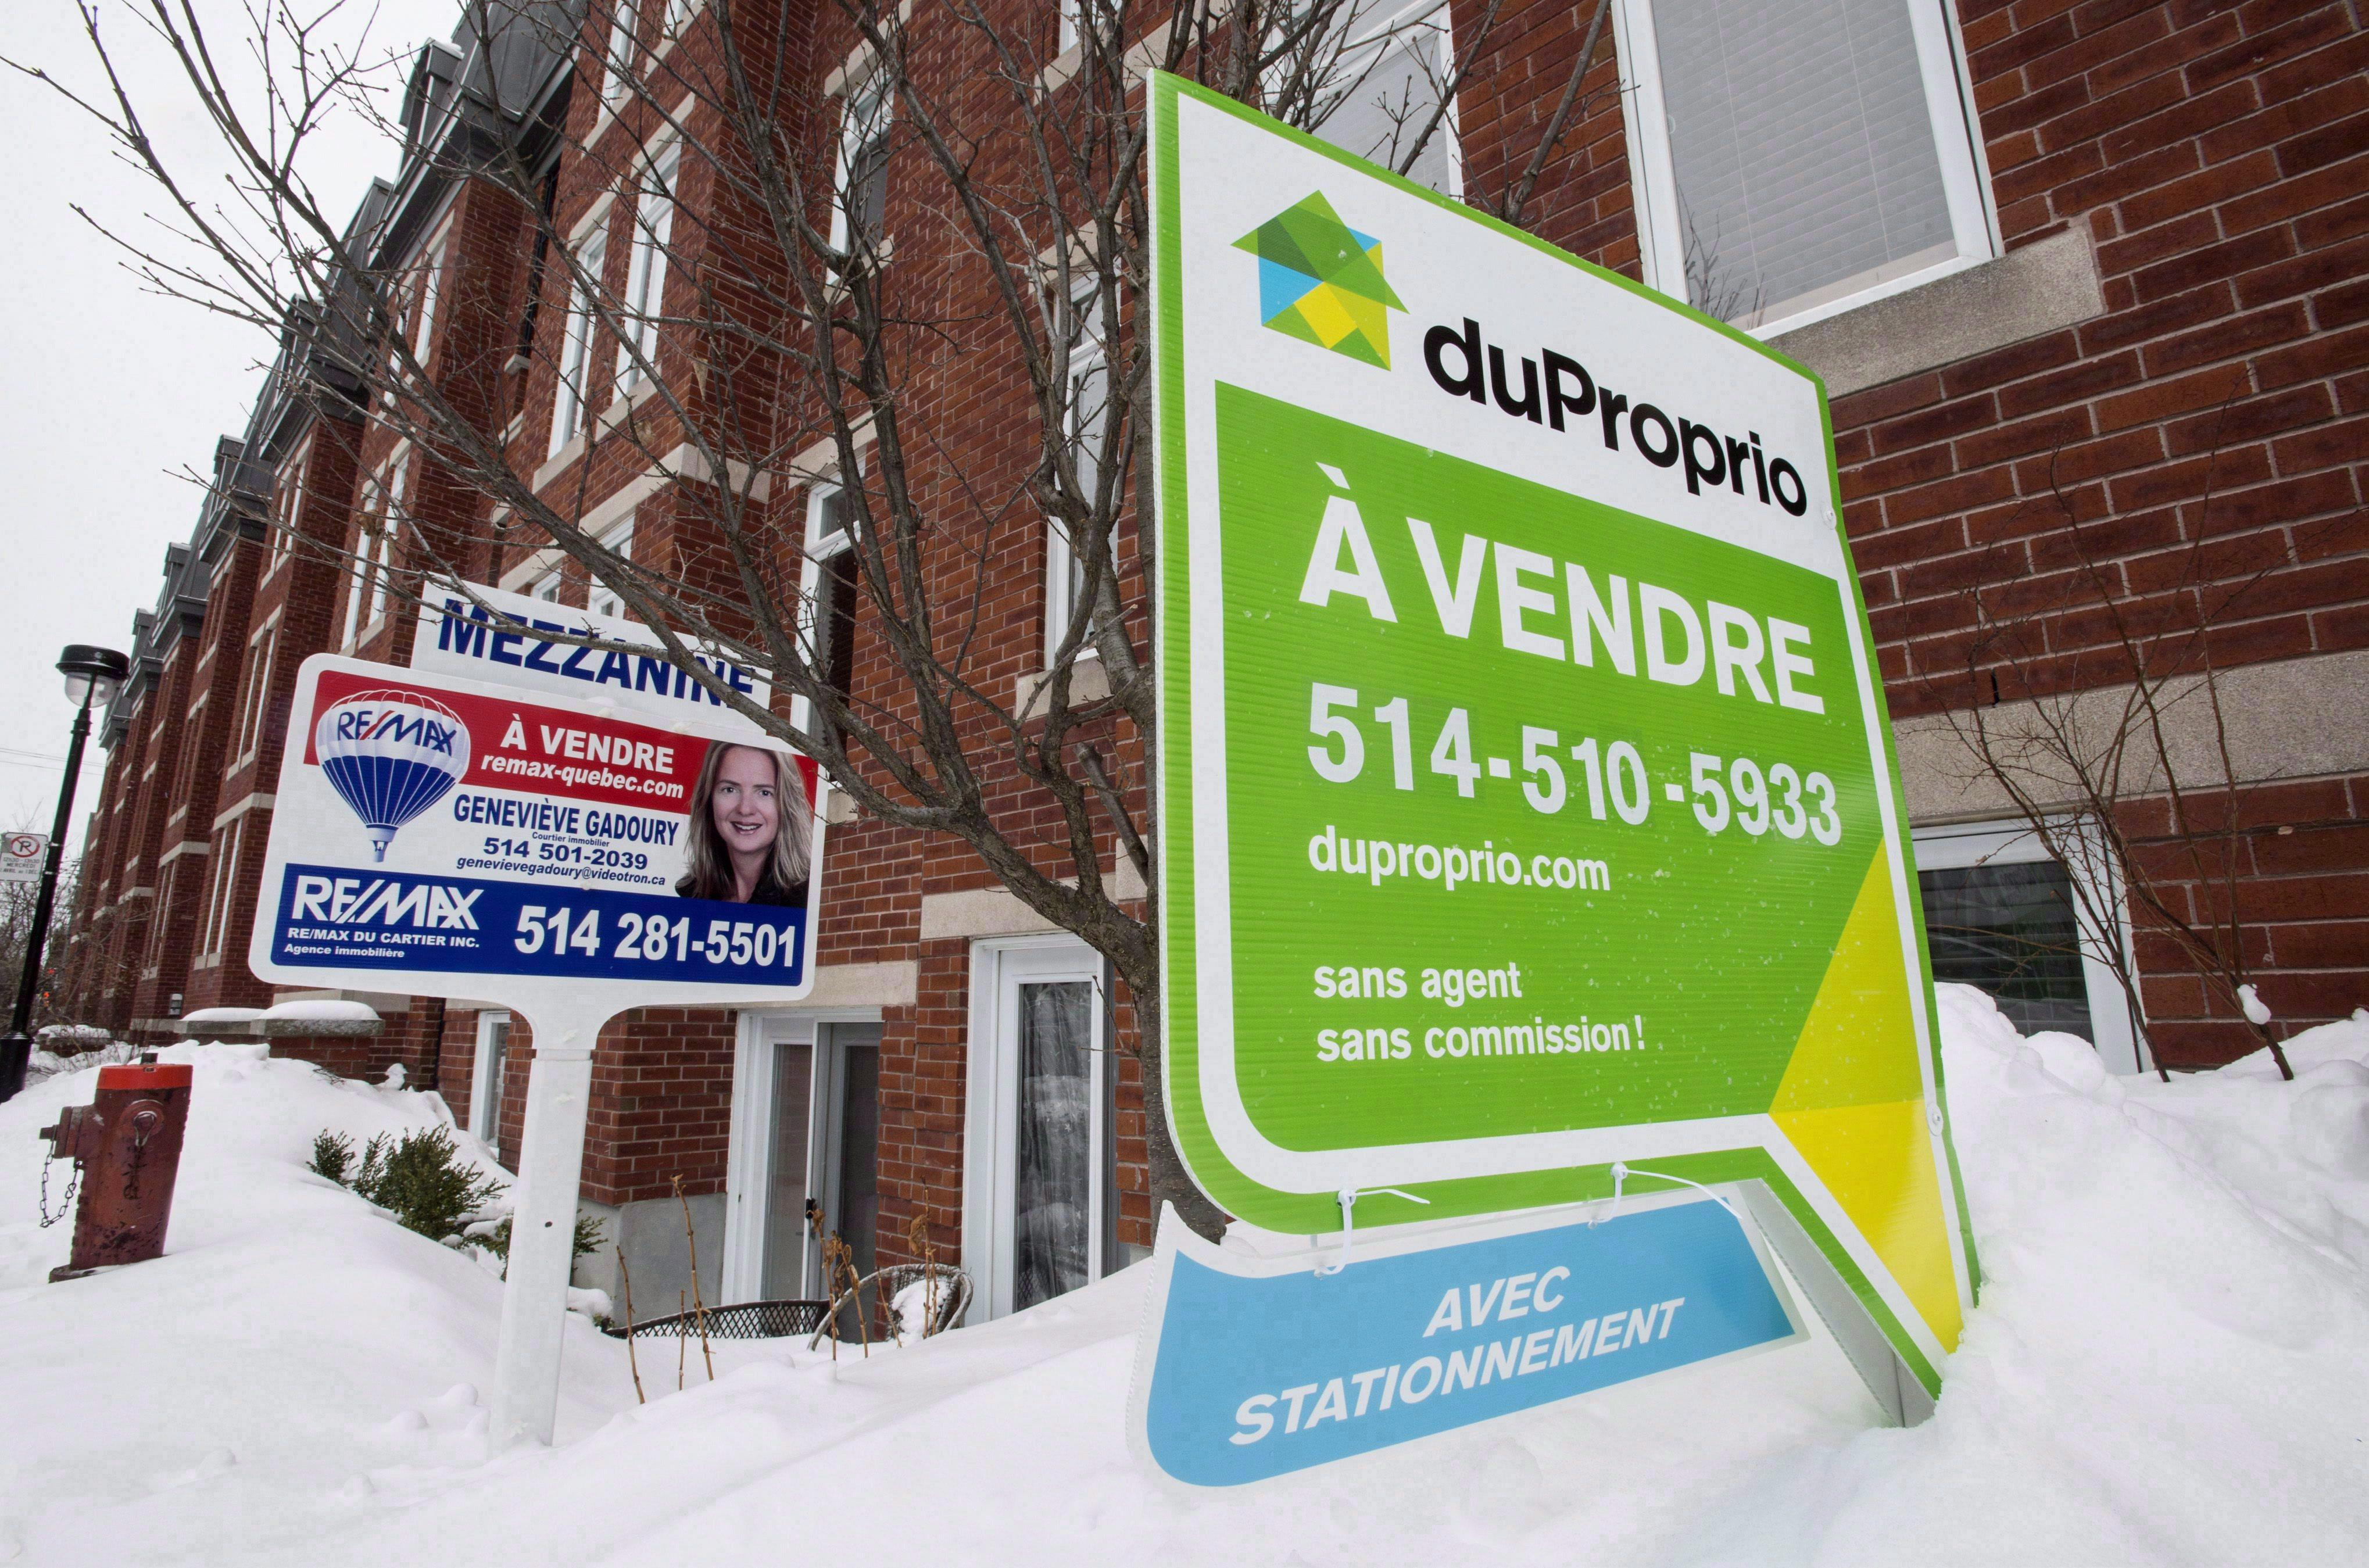 11月蒙特利尔房屋销量升 价格全面上涨